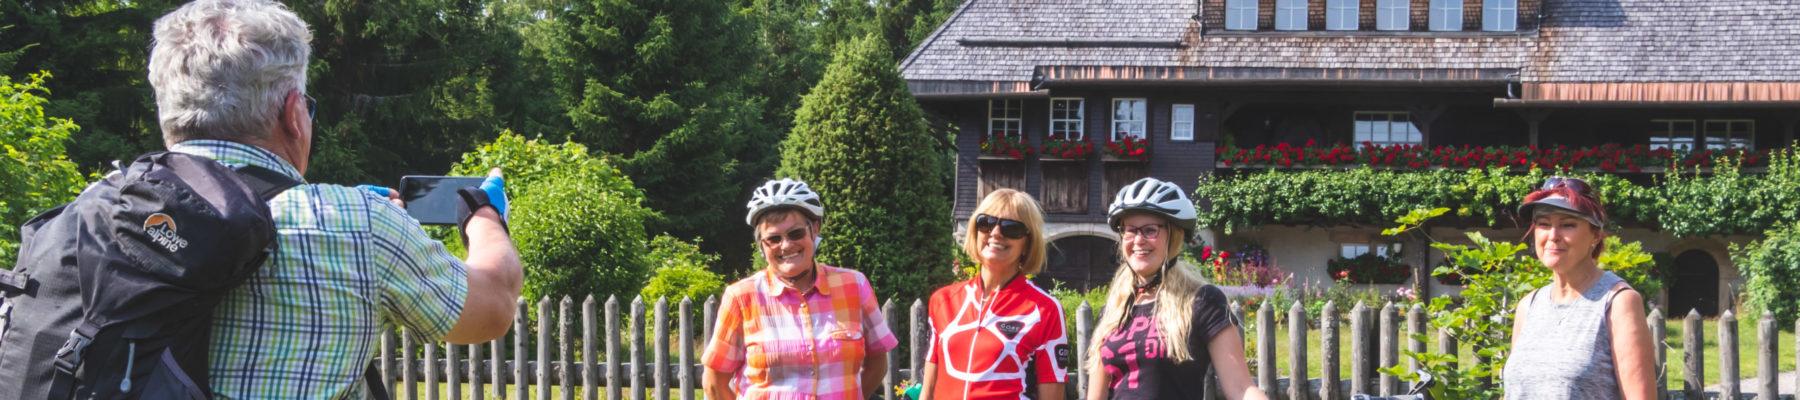 Erinnerungsfoto vor dem Heimatmuseum Hüsli